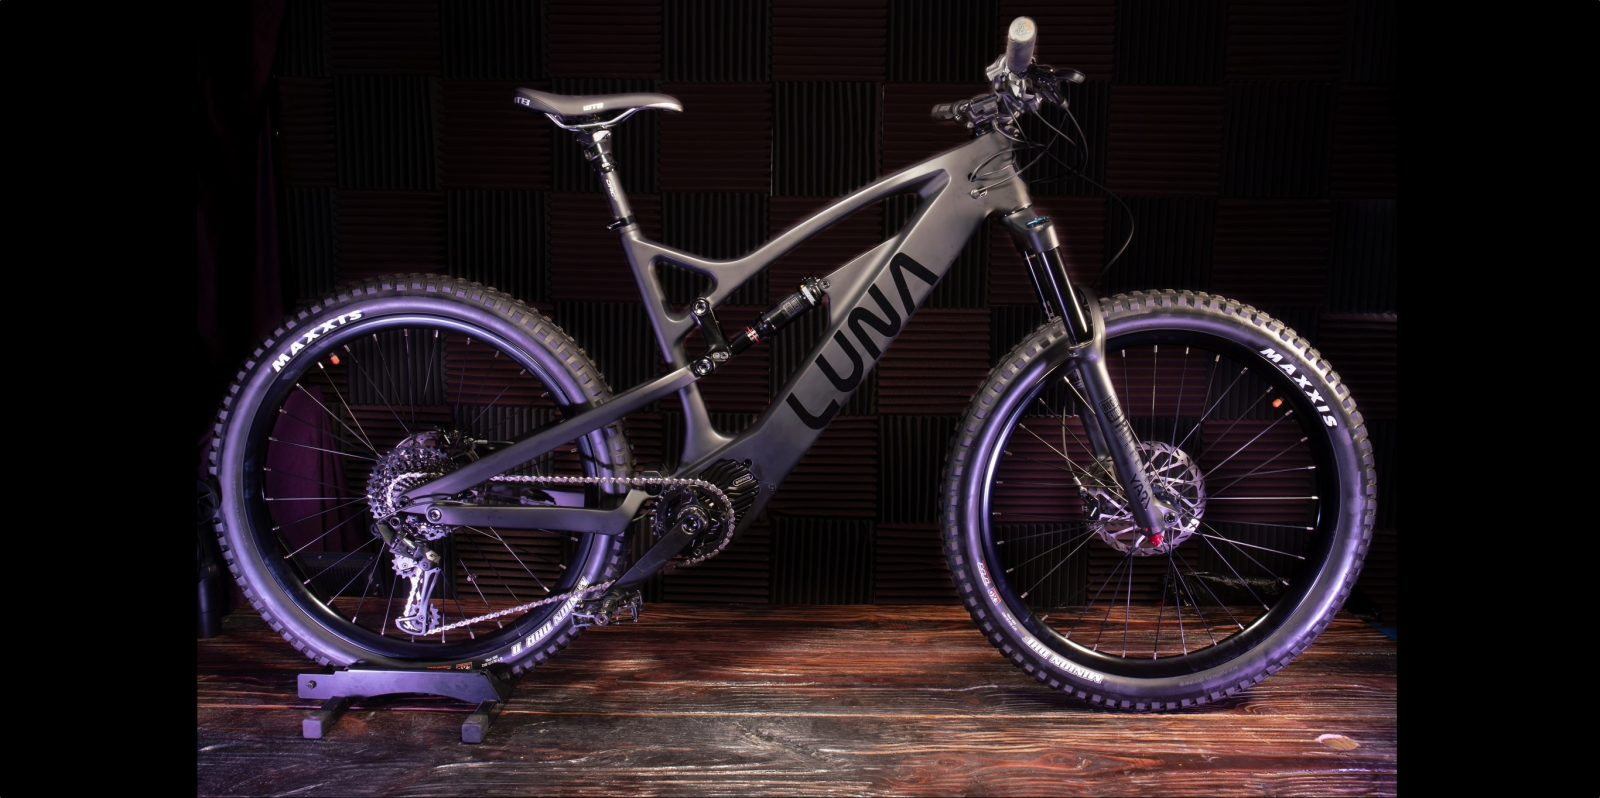 Luna releases new X-1 FS Enduro e-bike with 2,000 W